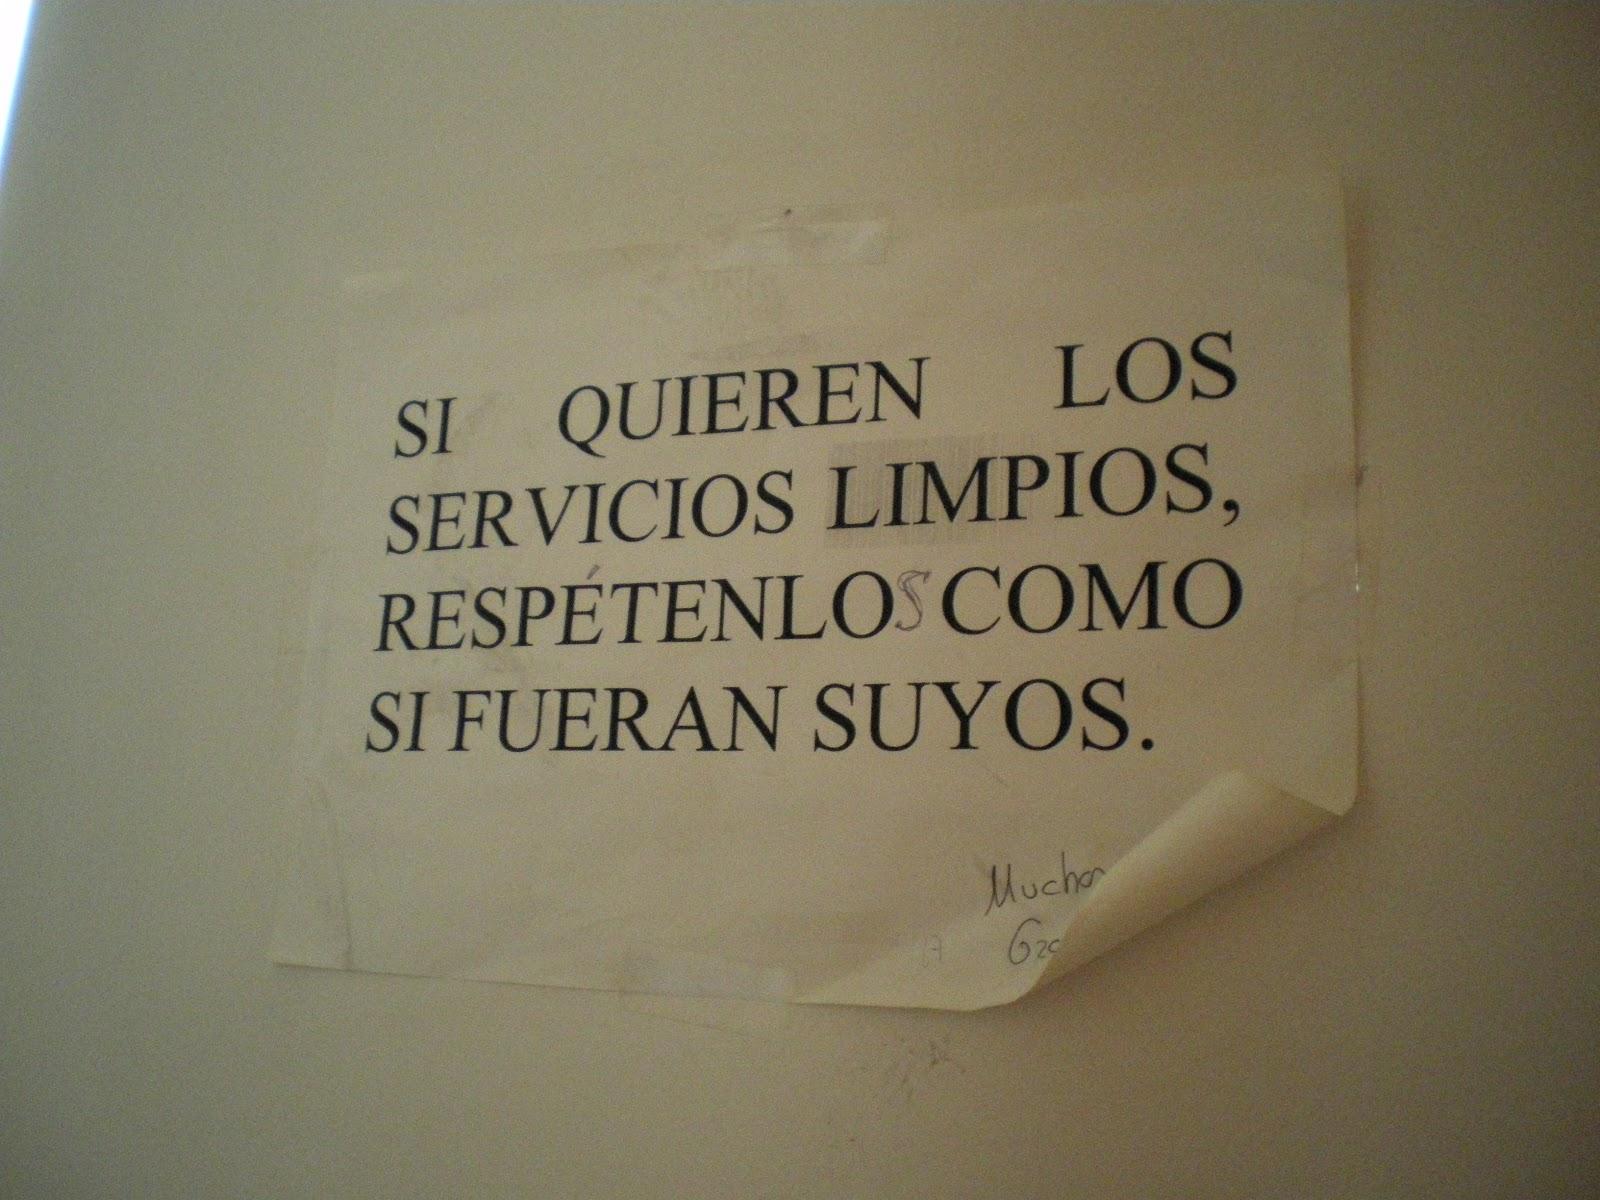 Imagen De Baño Limpio:Los carteles de los baños también nos ayudan a aprender español